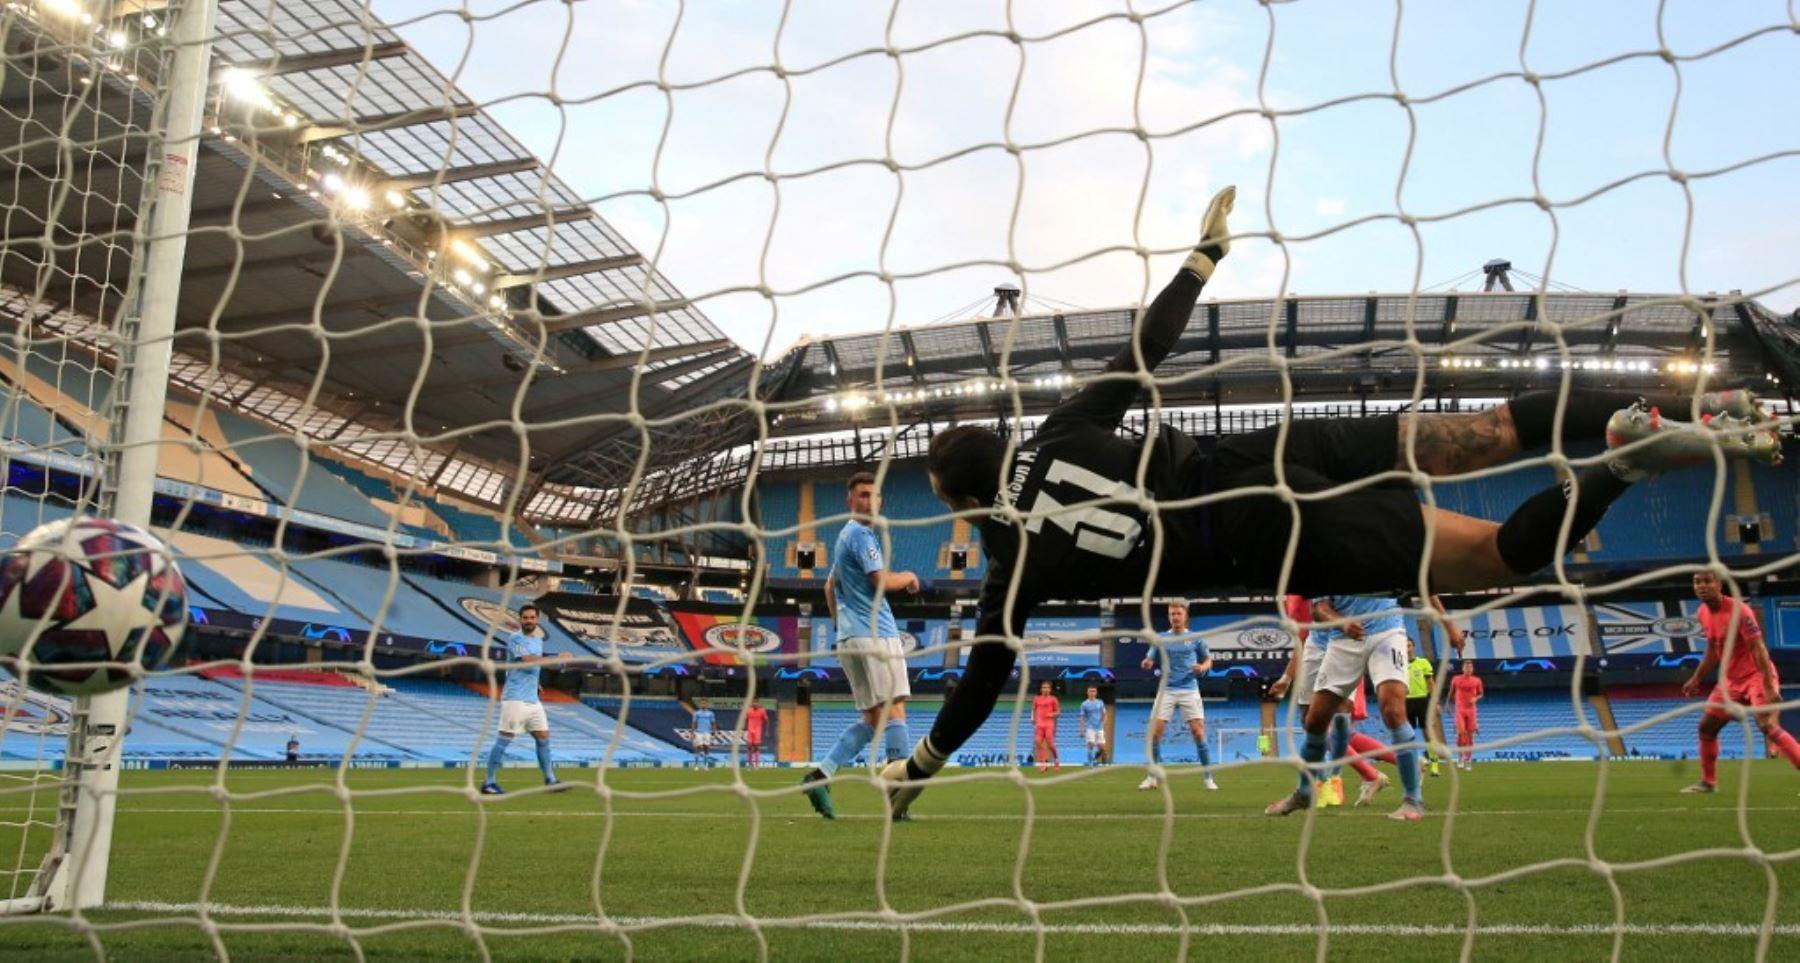 El portero brasileño del Manchester City, Ederson, se zambulle pero no logra salvar un gol del delantero francés del Real Madrid, Karim Benzema, durante el partido de vuelta de los octavos de final de la Liga de Campeones de la UEFA .Foto:AFP